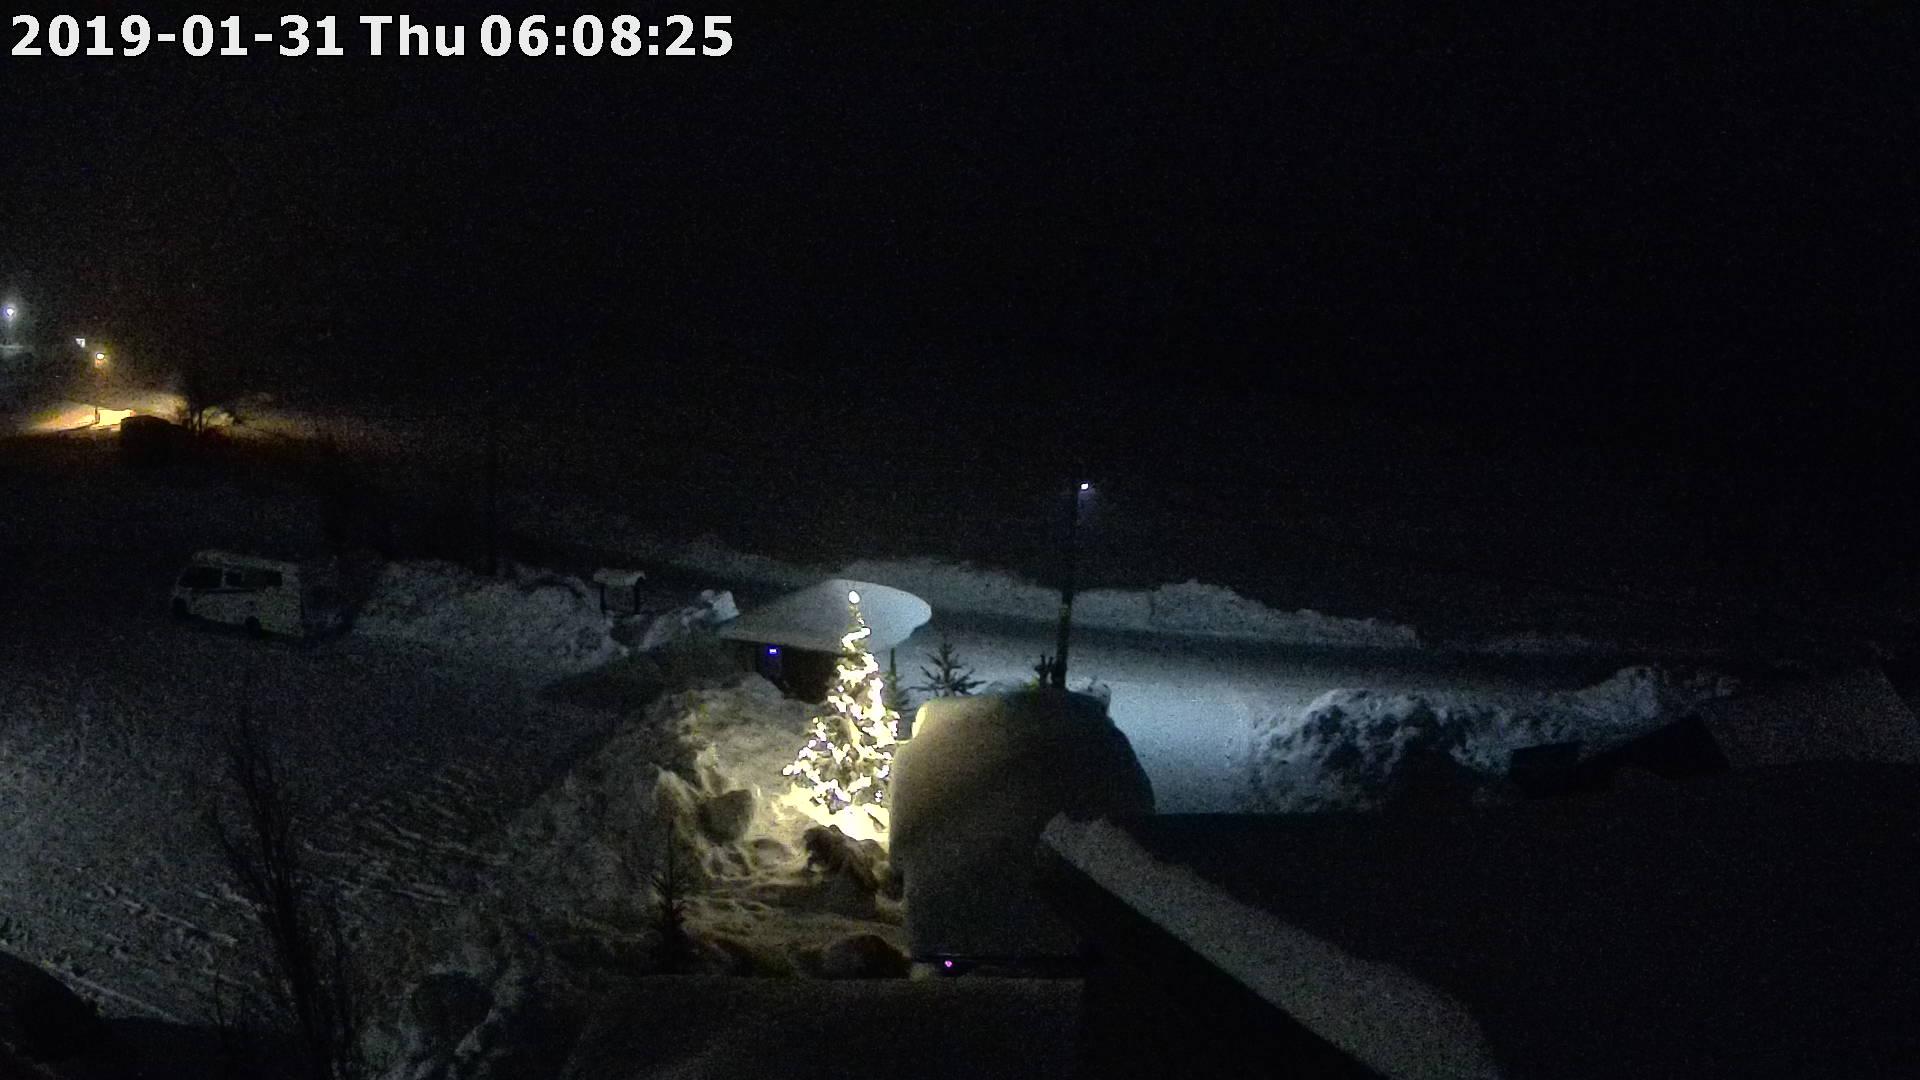 Webkamera ze dne 2019-01-31